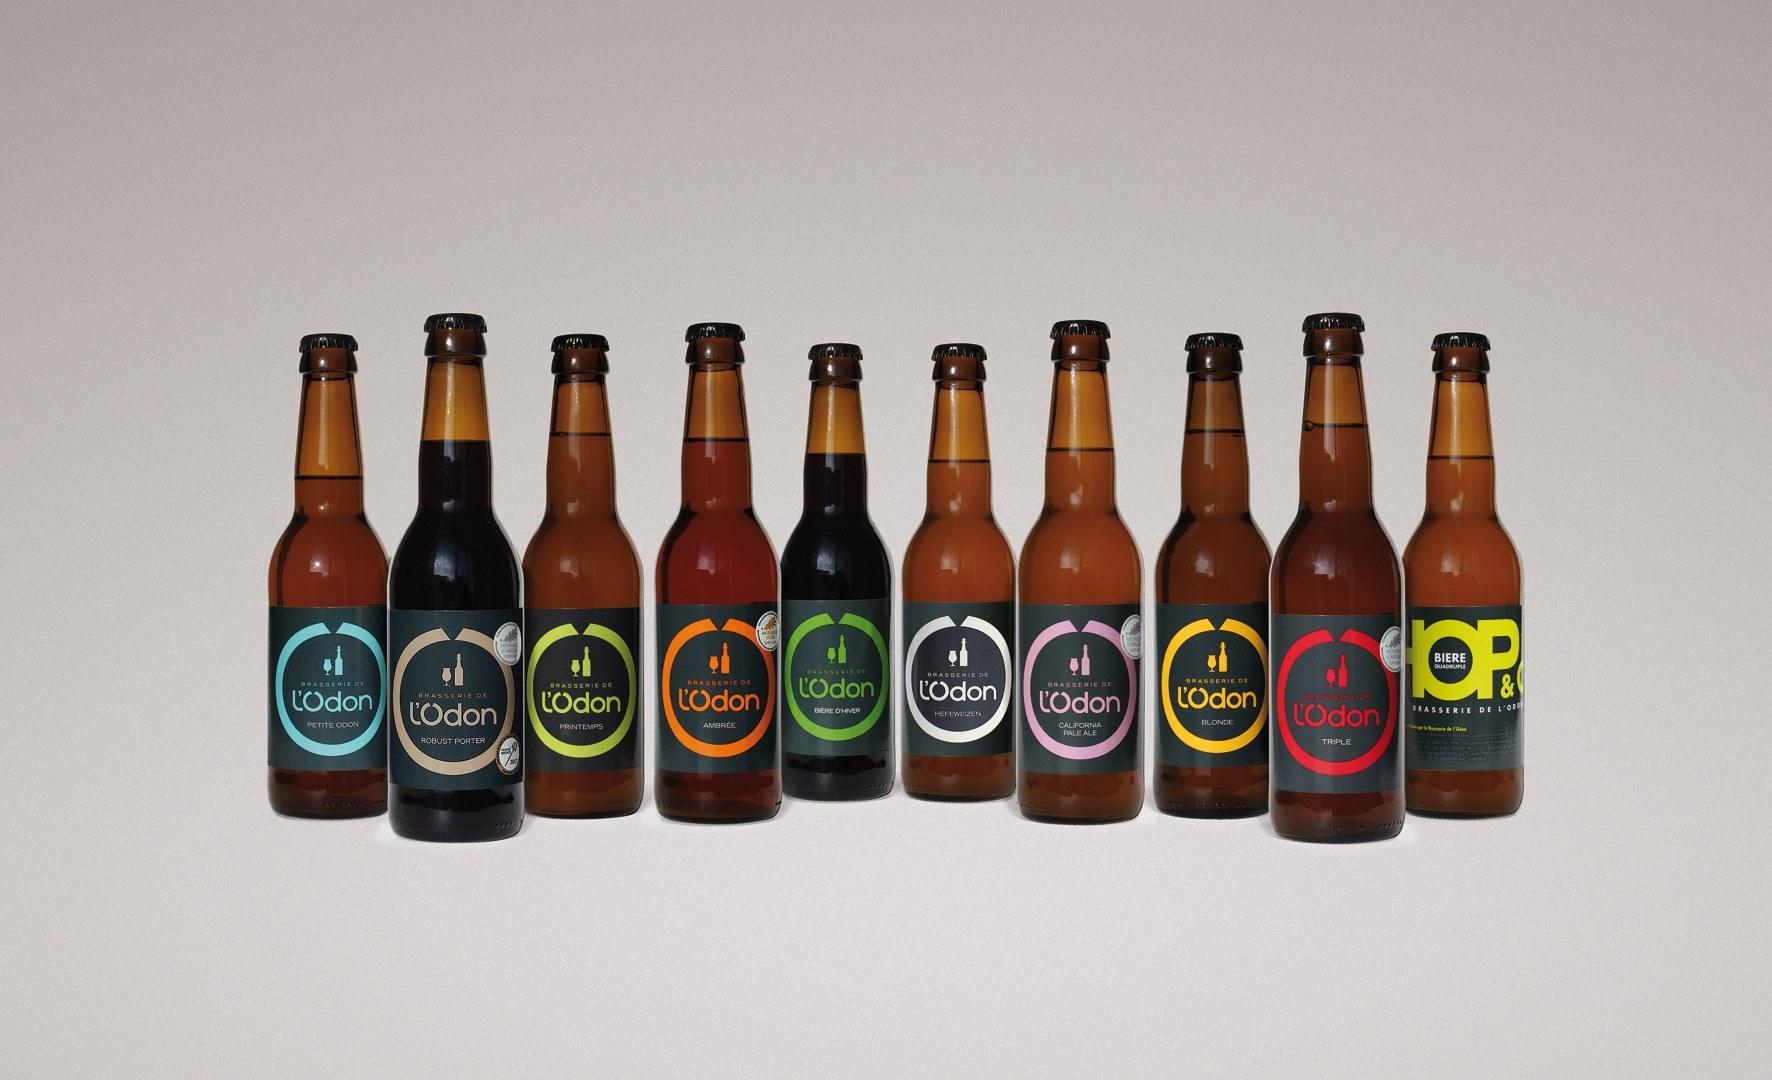 bières normandes brasserie de l'odon